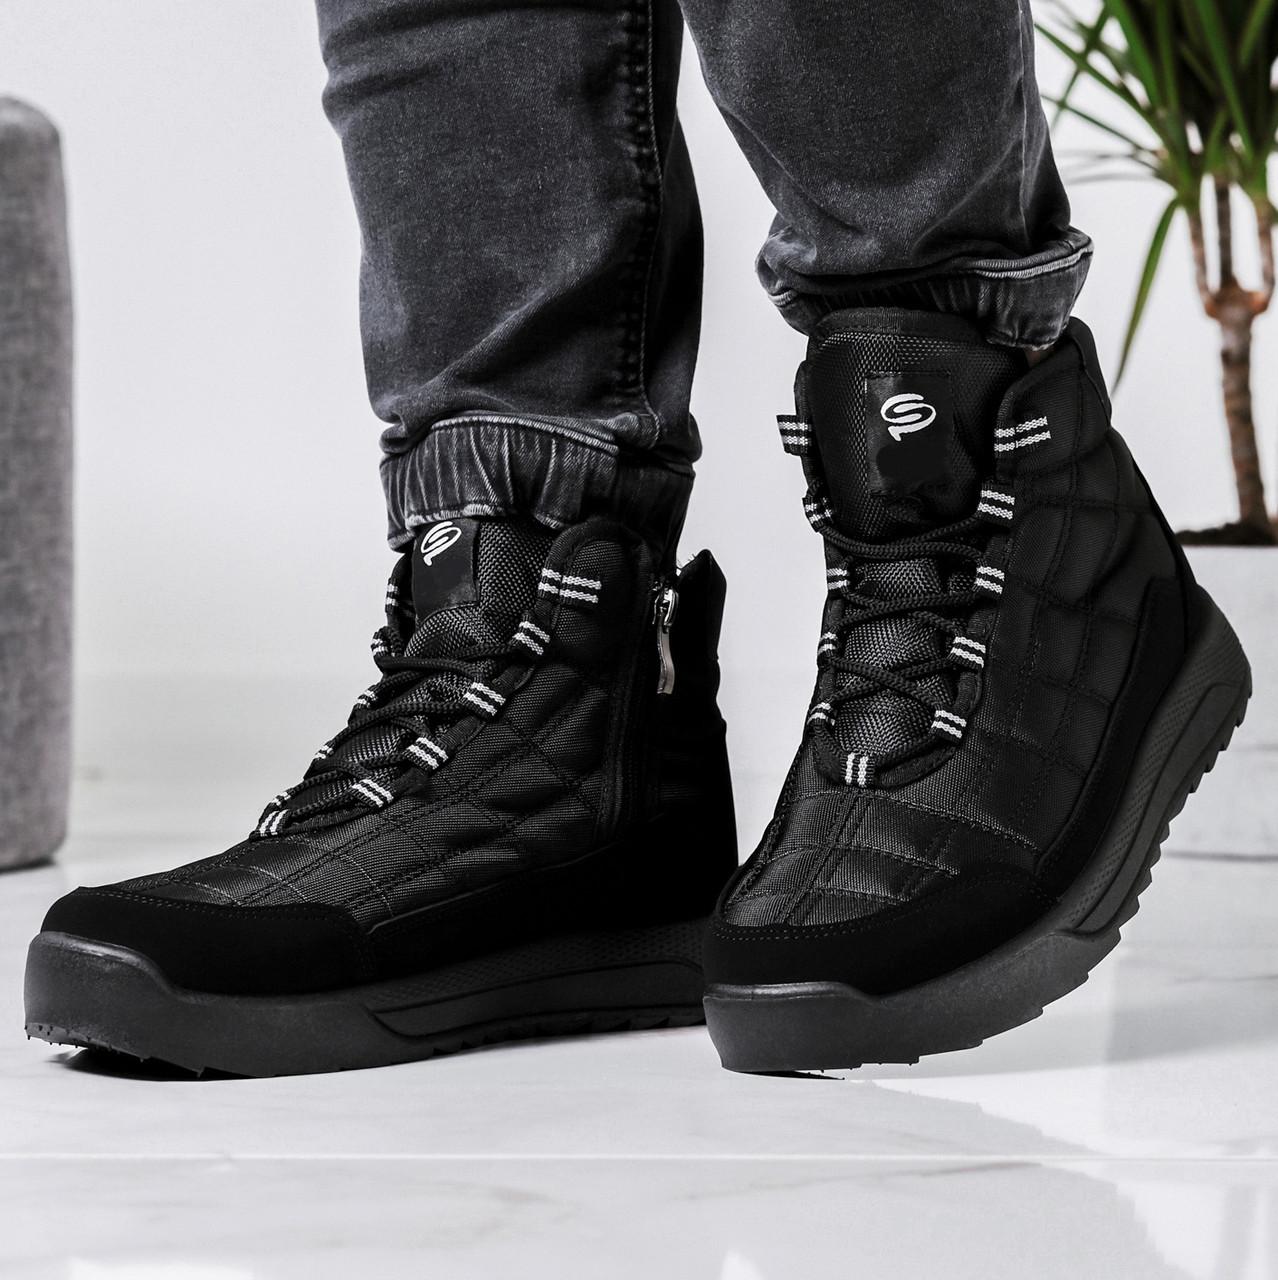 Ботинки мужские зимние на шнуровку и молнию (Пр-3804ч)